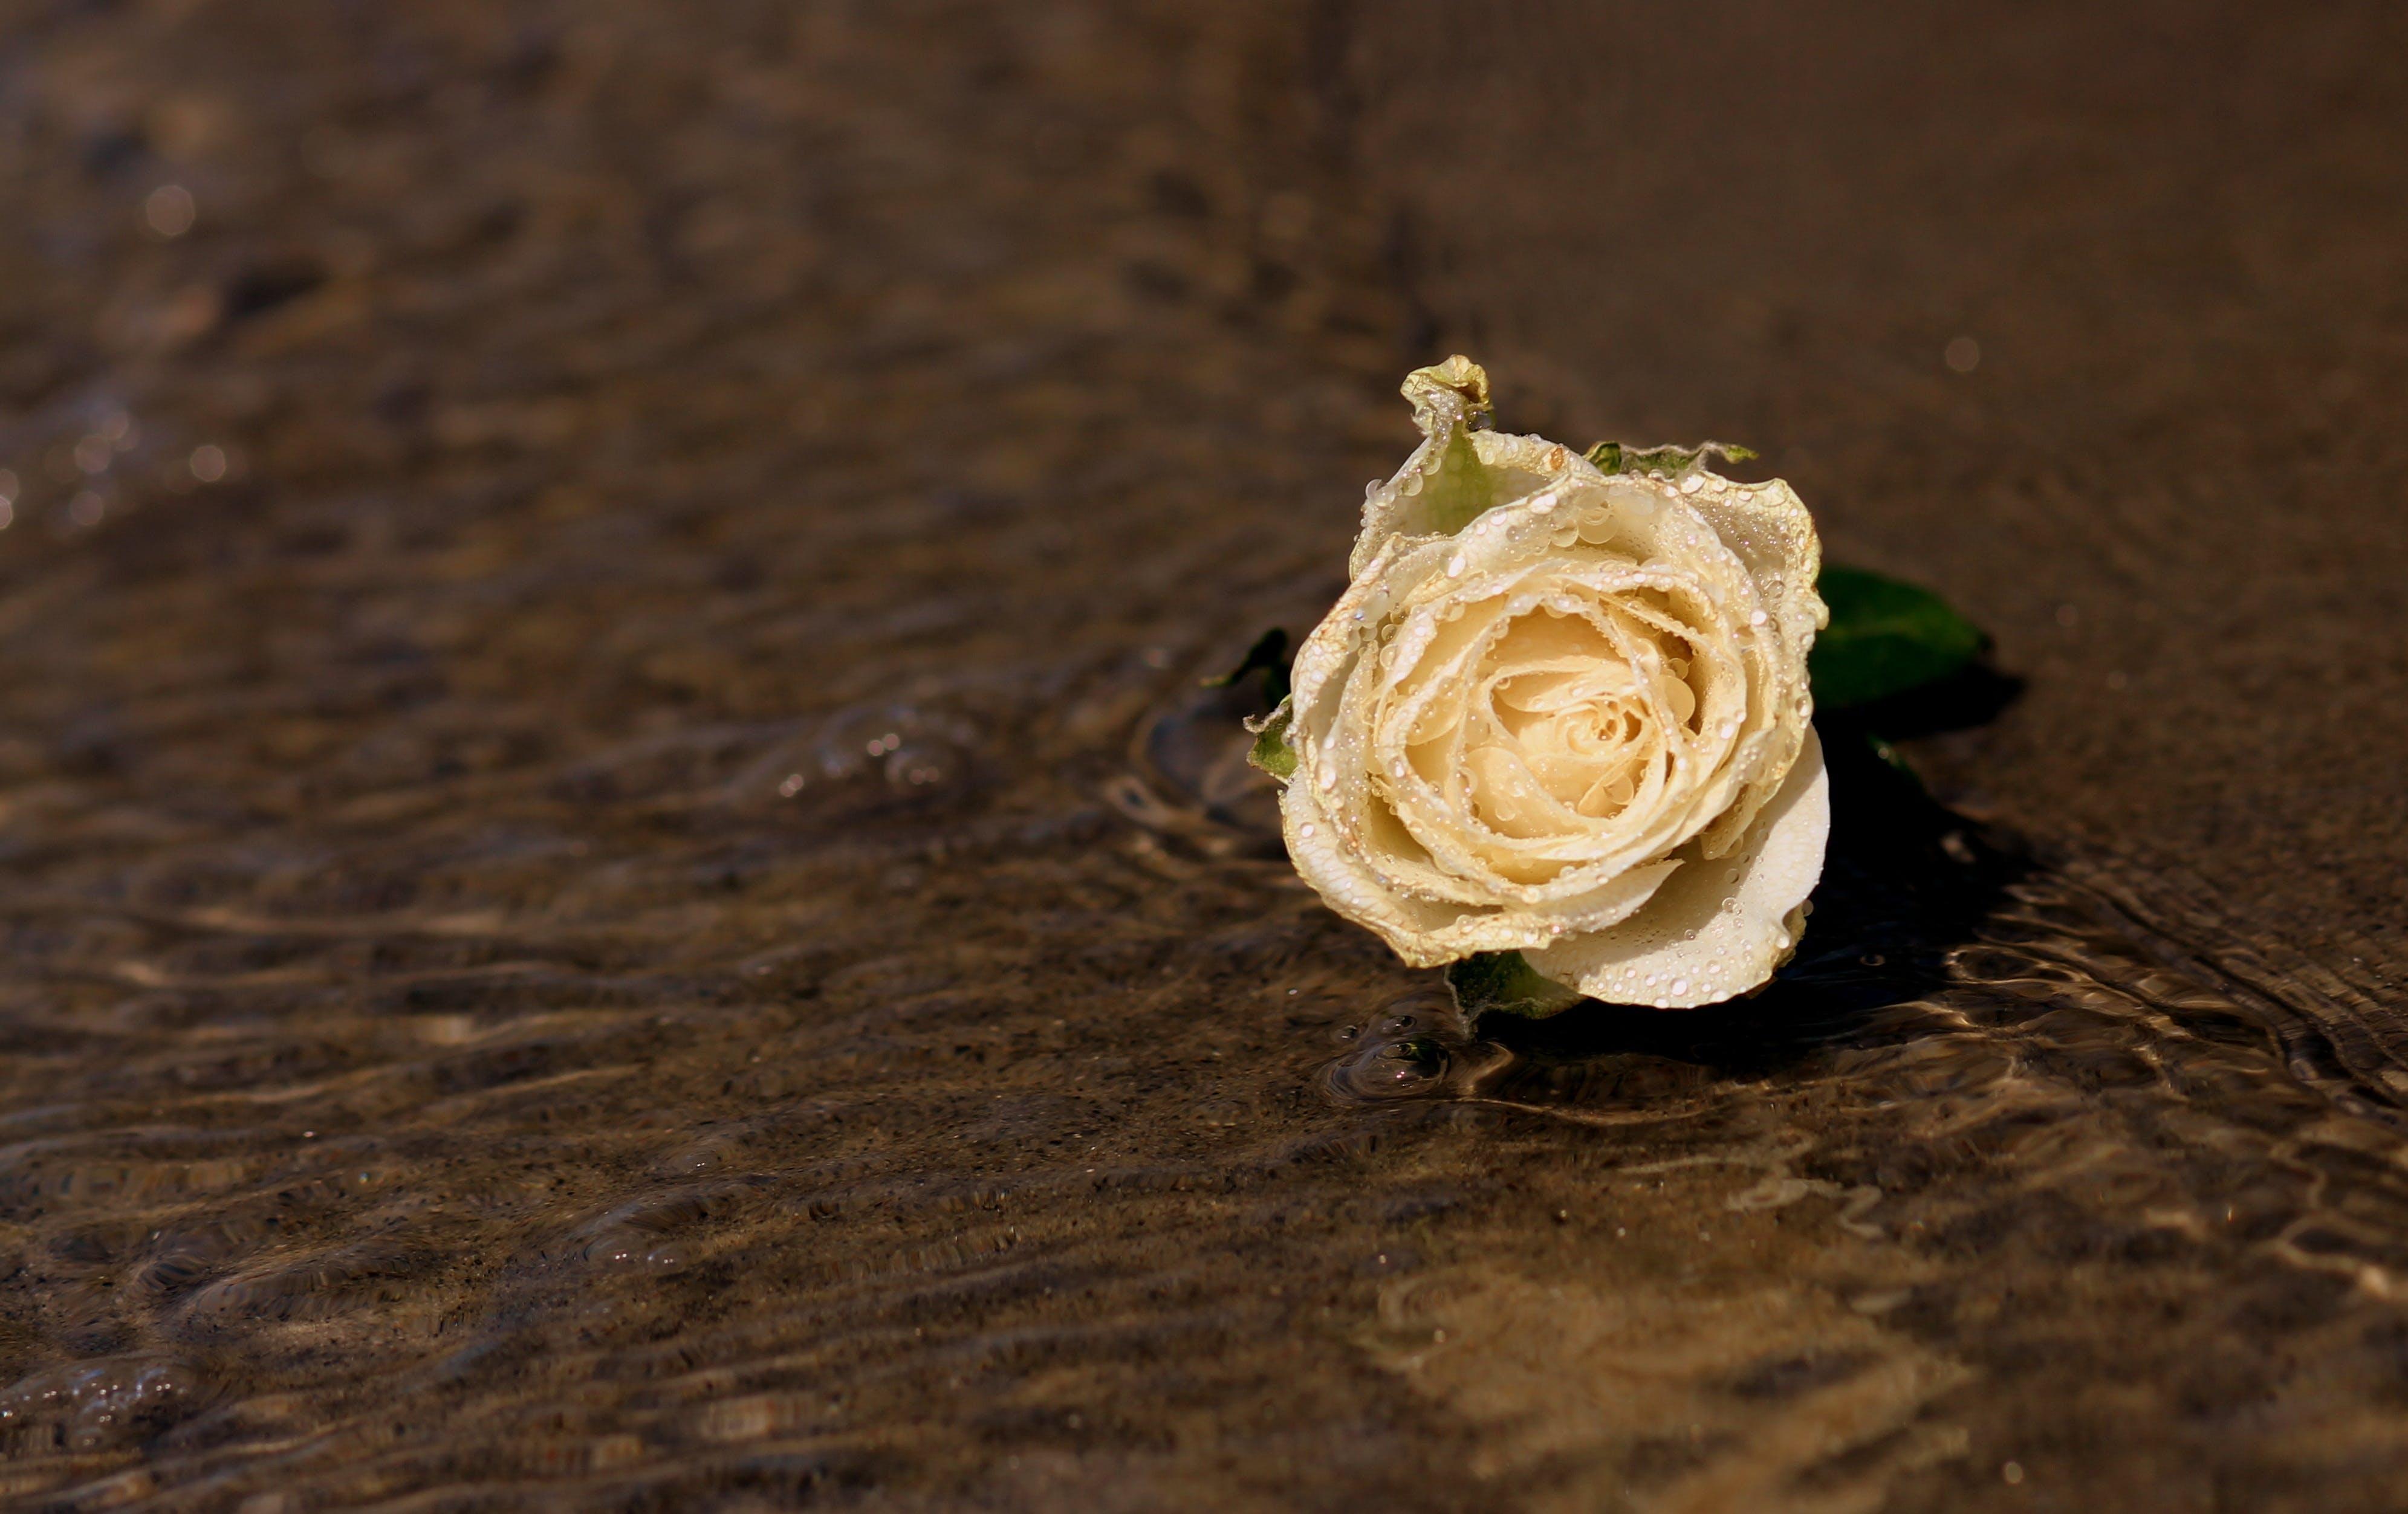 White Rose Flower on Shore